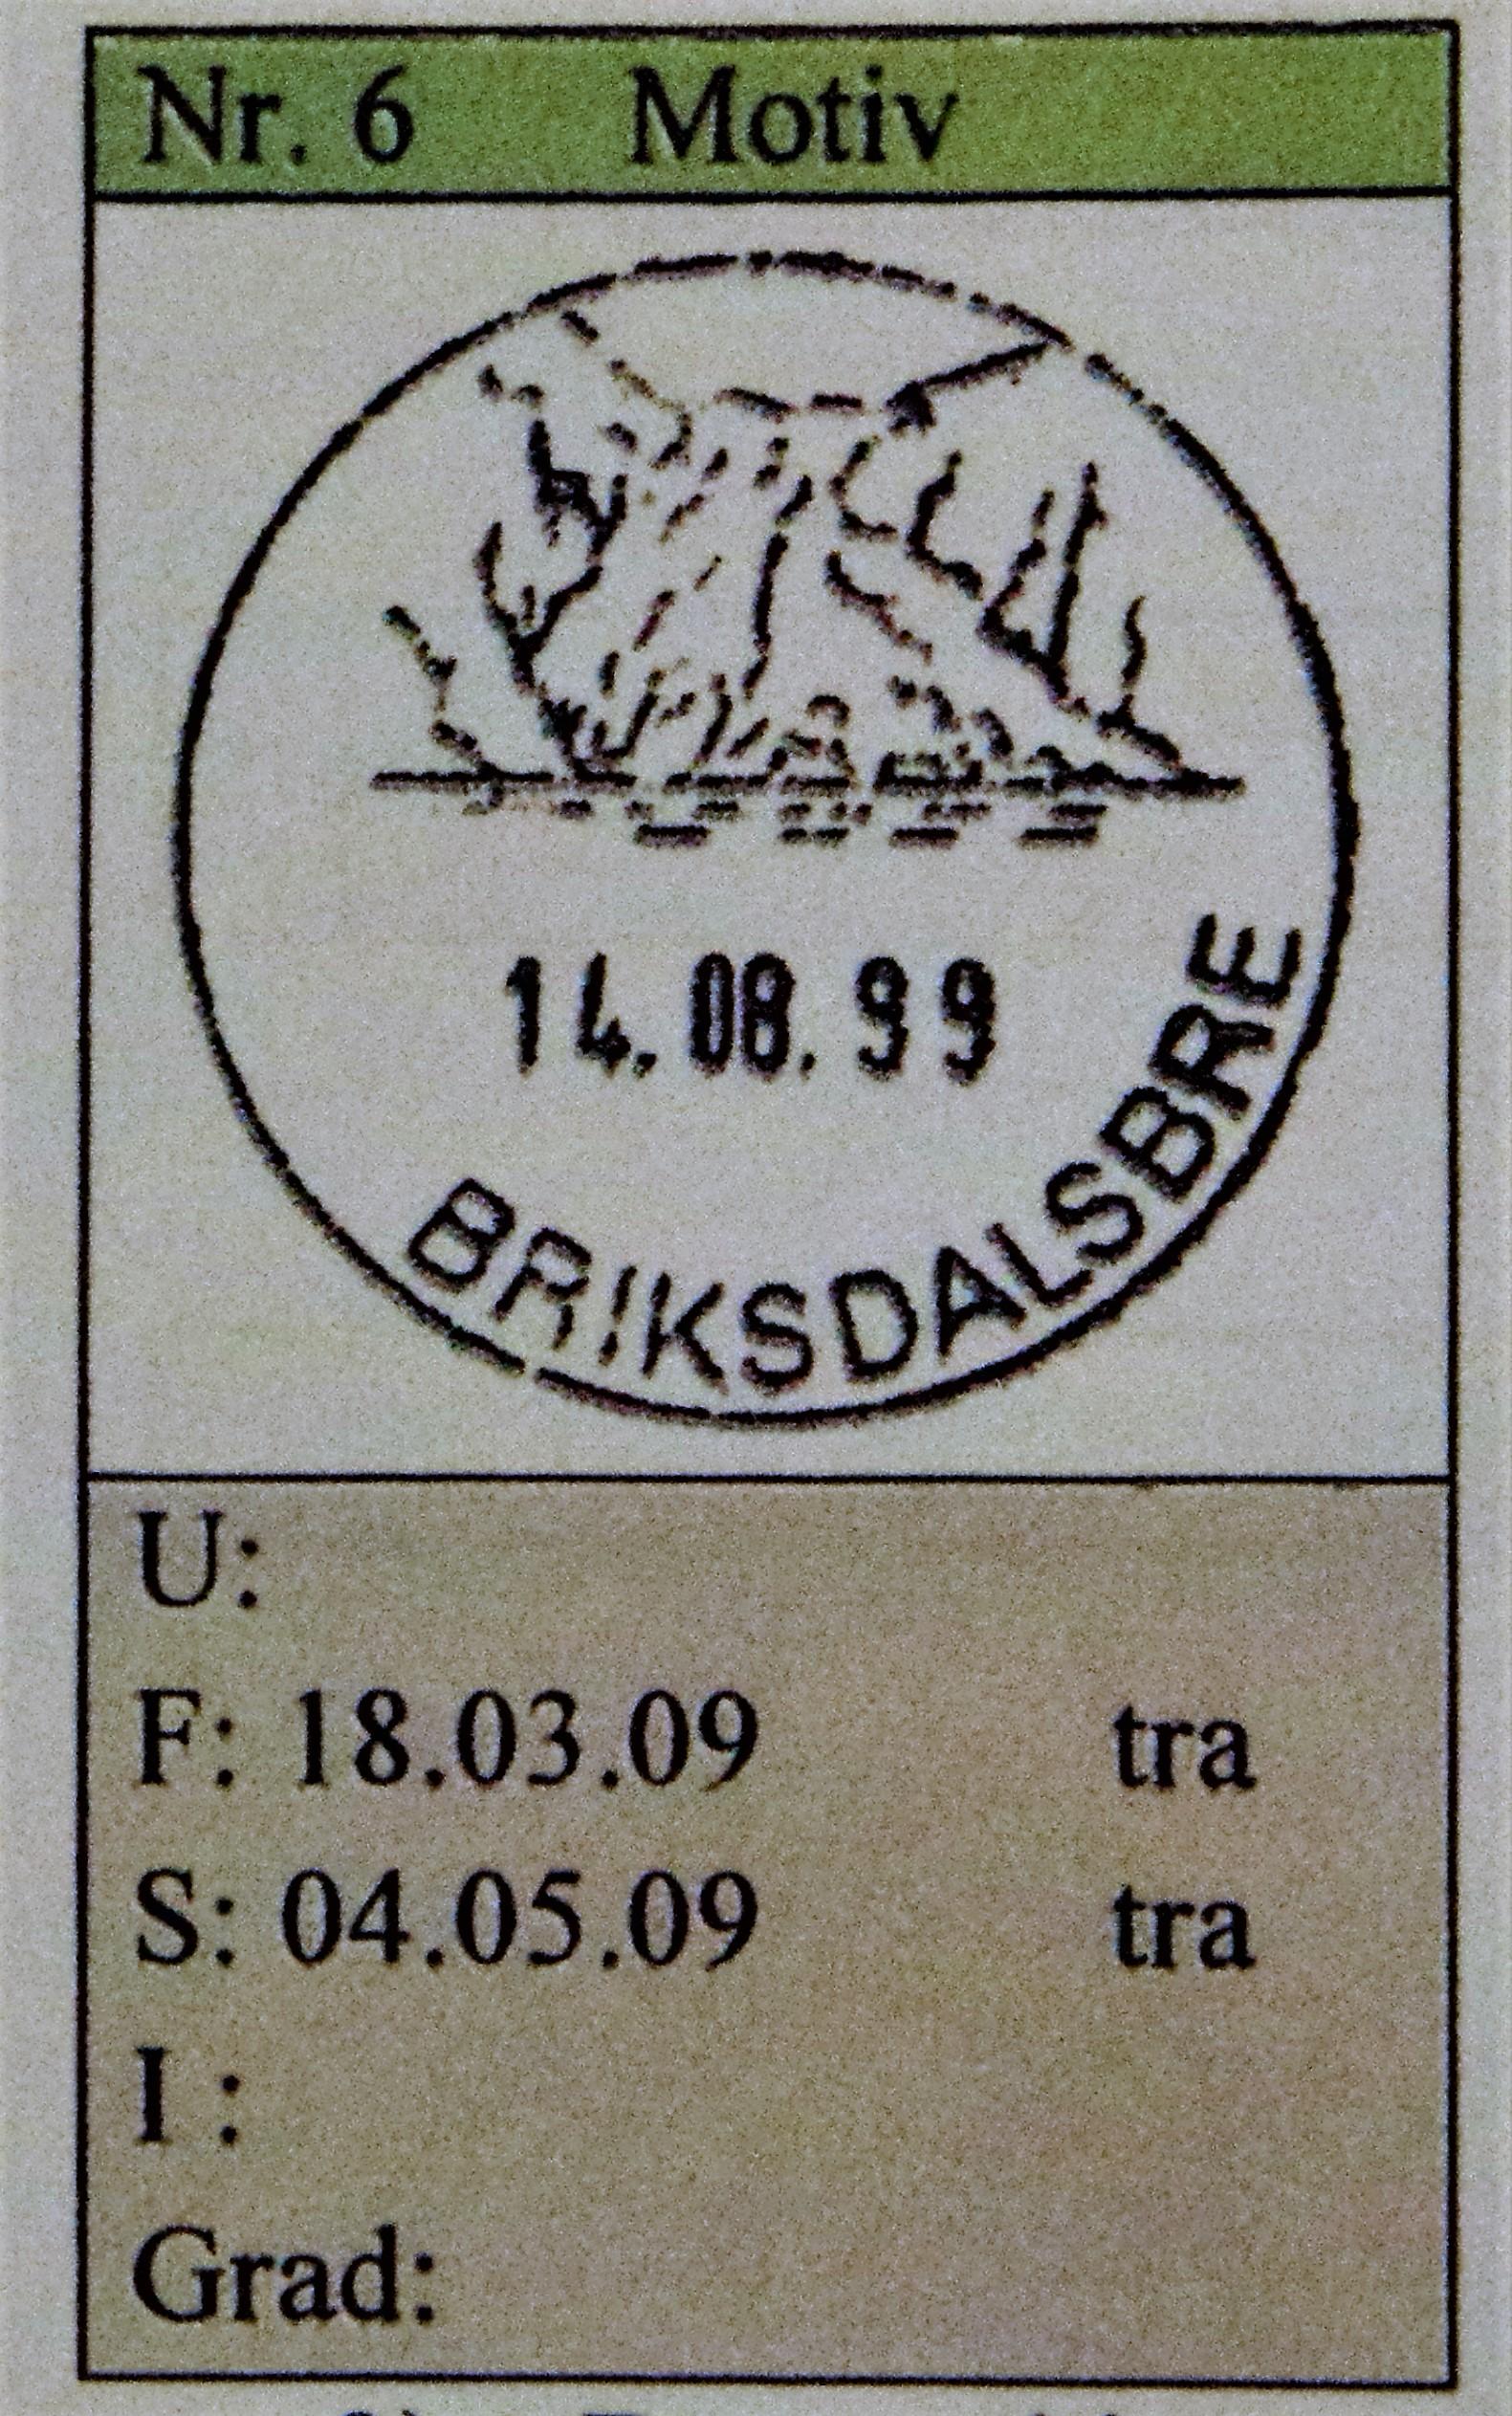 Stempel Briksdalbreen.jpg